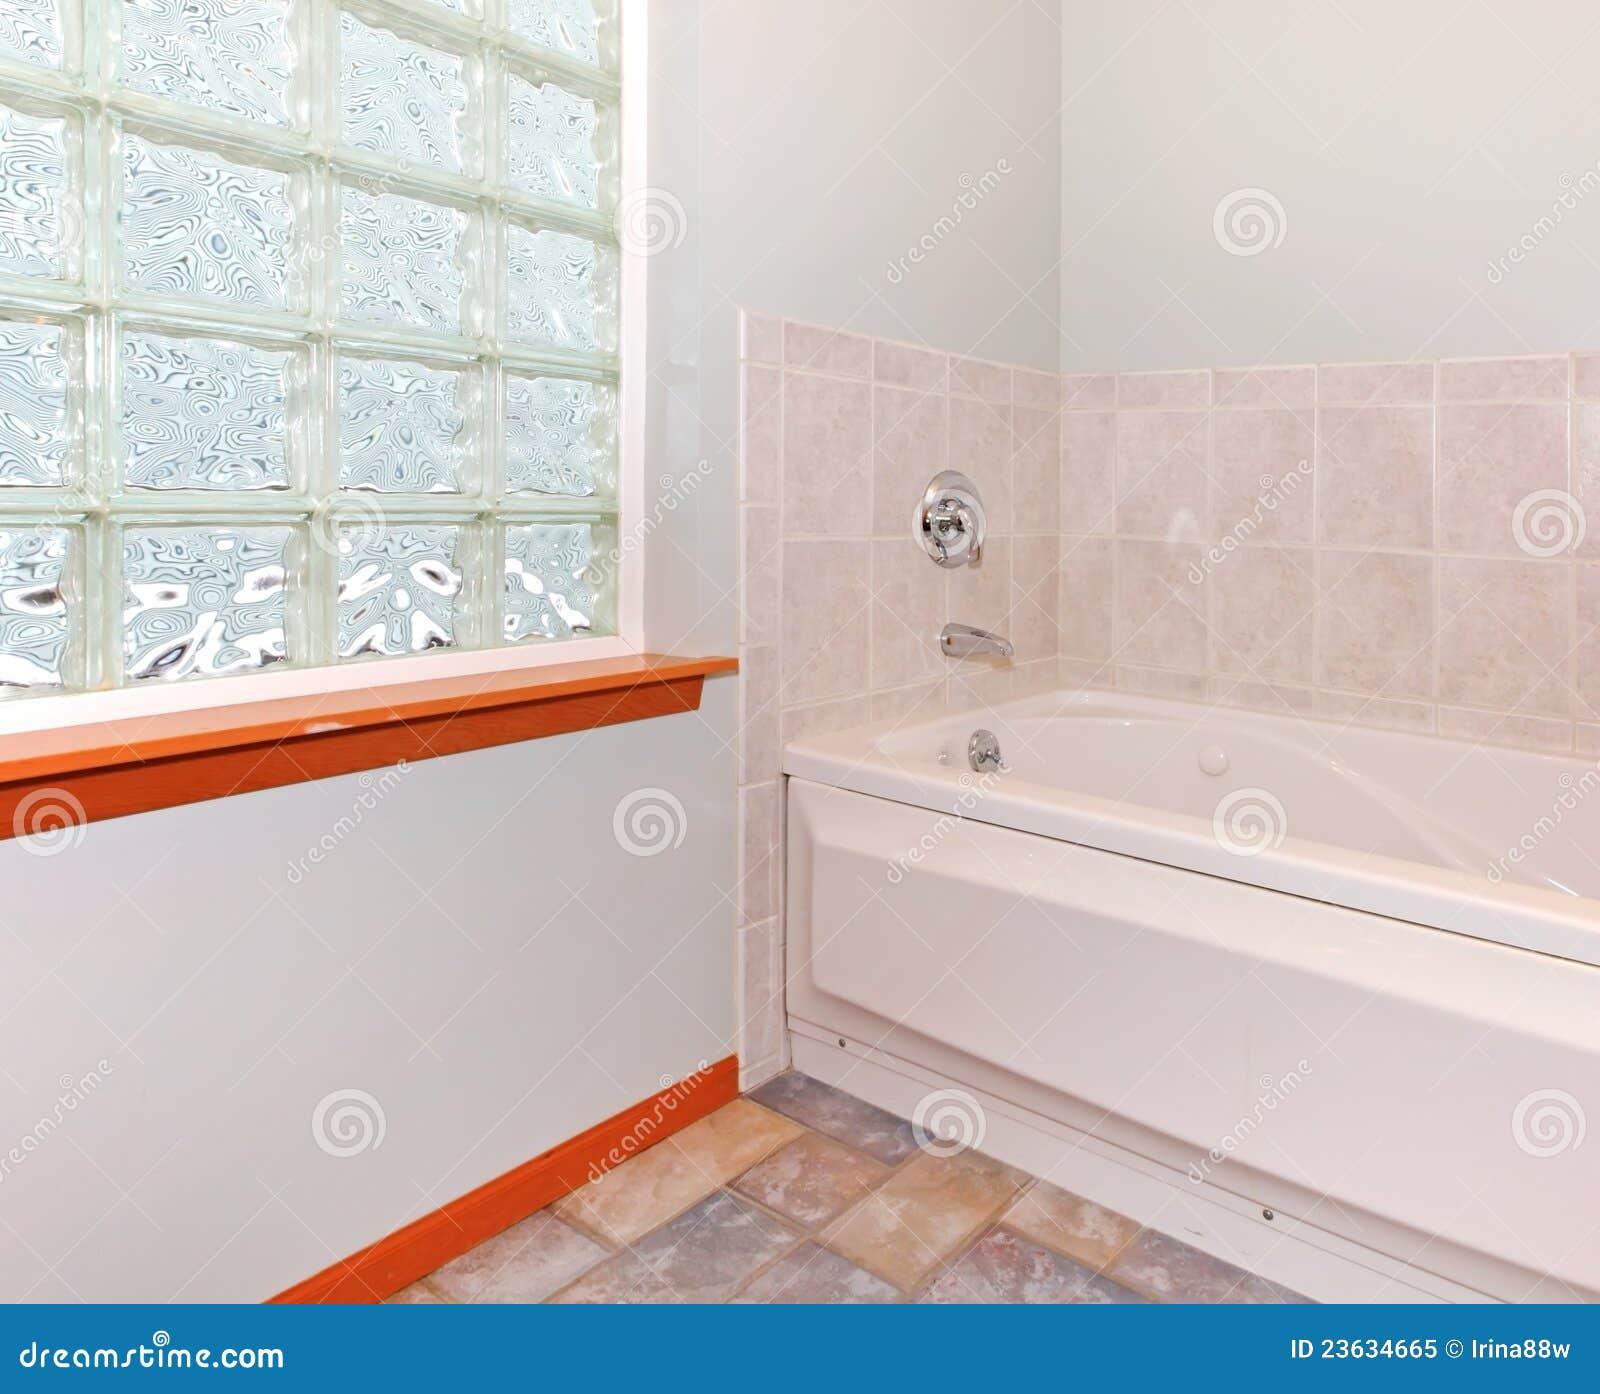 Indicador E Cuba Do Bloco De Vidro Do Banheiro Foto de Stock Royalty Free   -> Cuba De Vidro Para Banheiro Curitiba